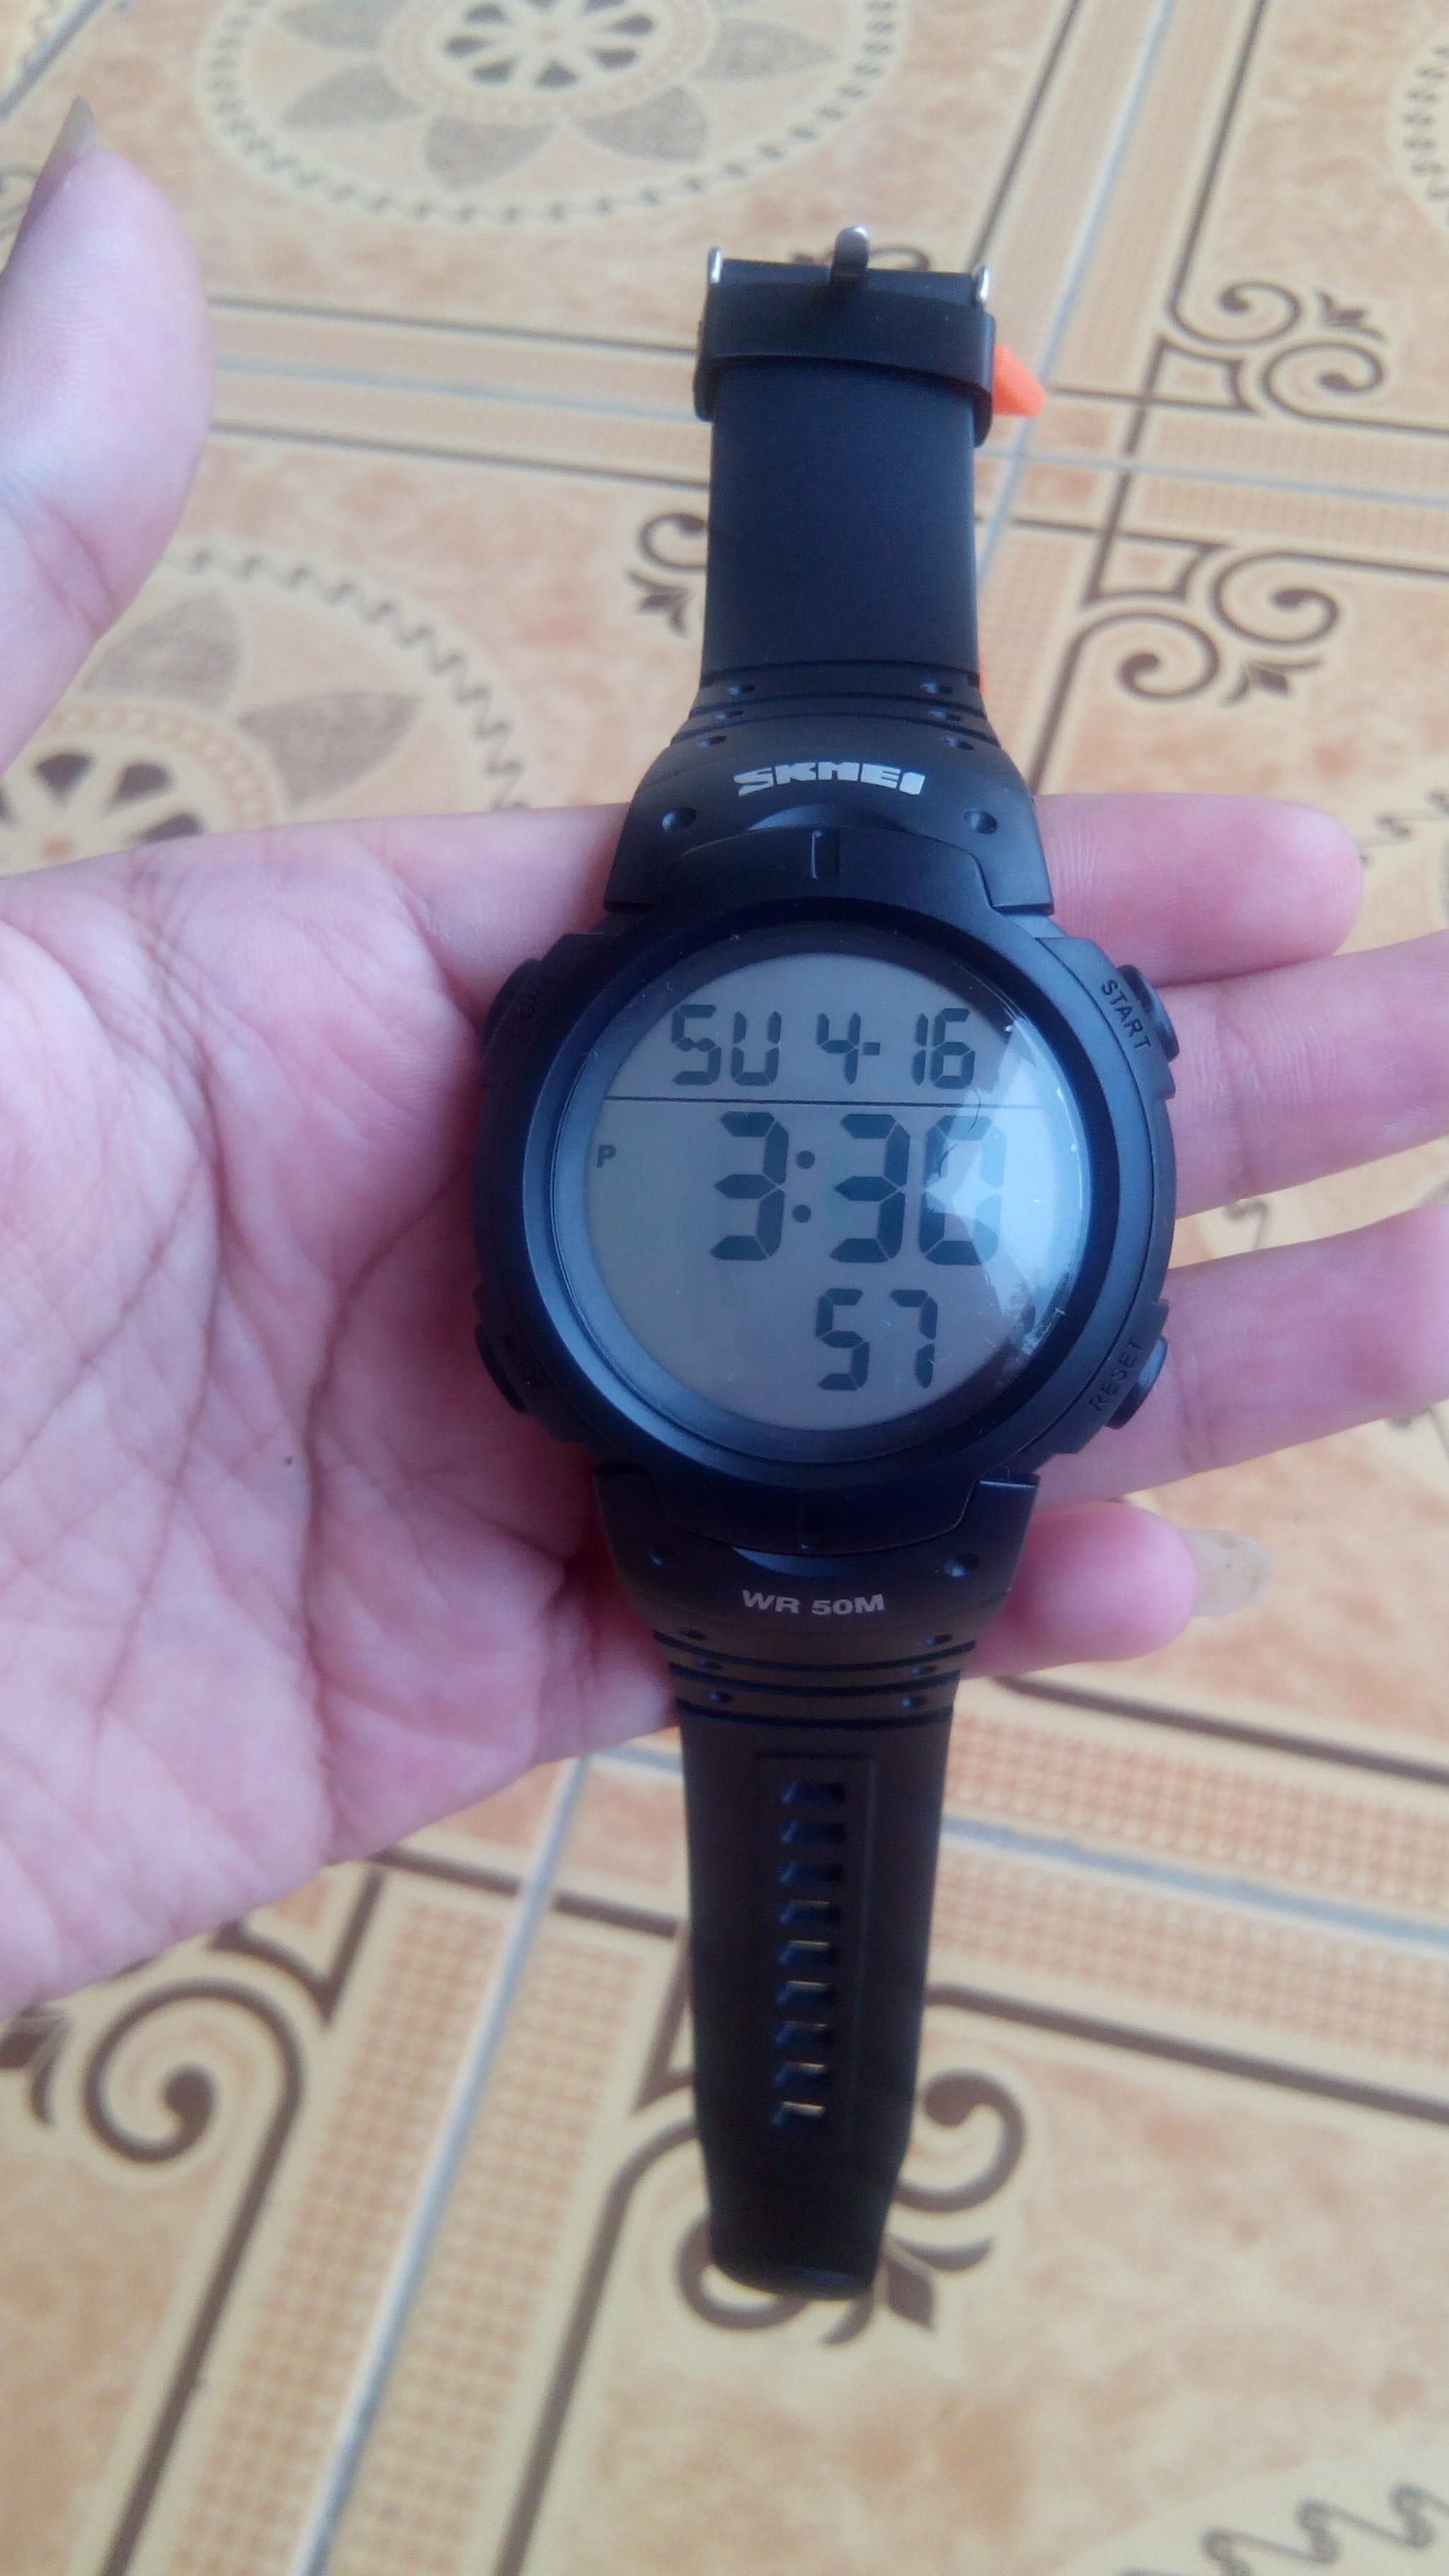 skmei dg1068 - 1068 skmei byson - suunto - jam murah - original - new